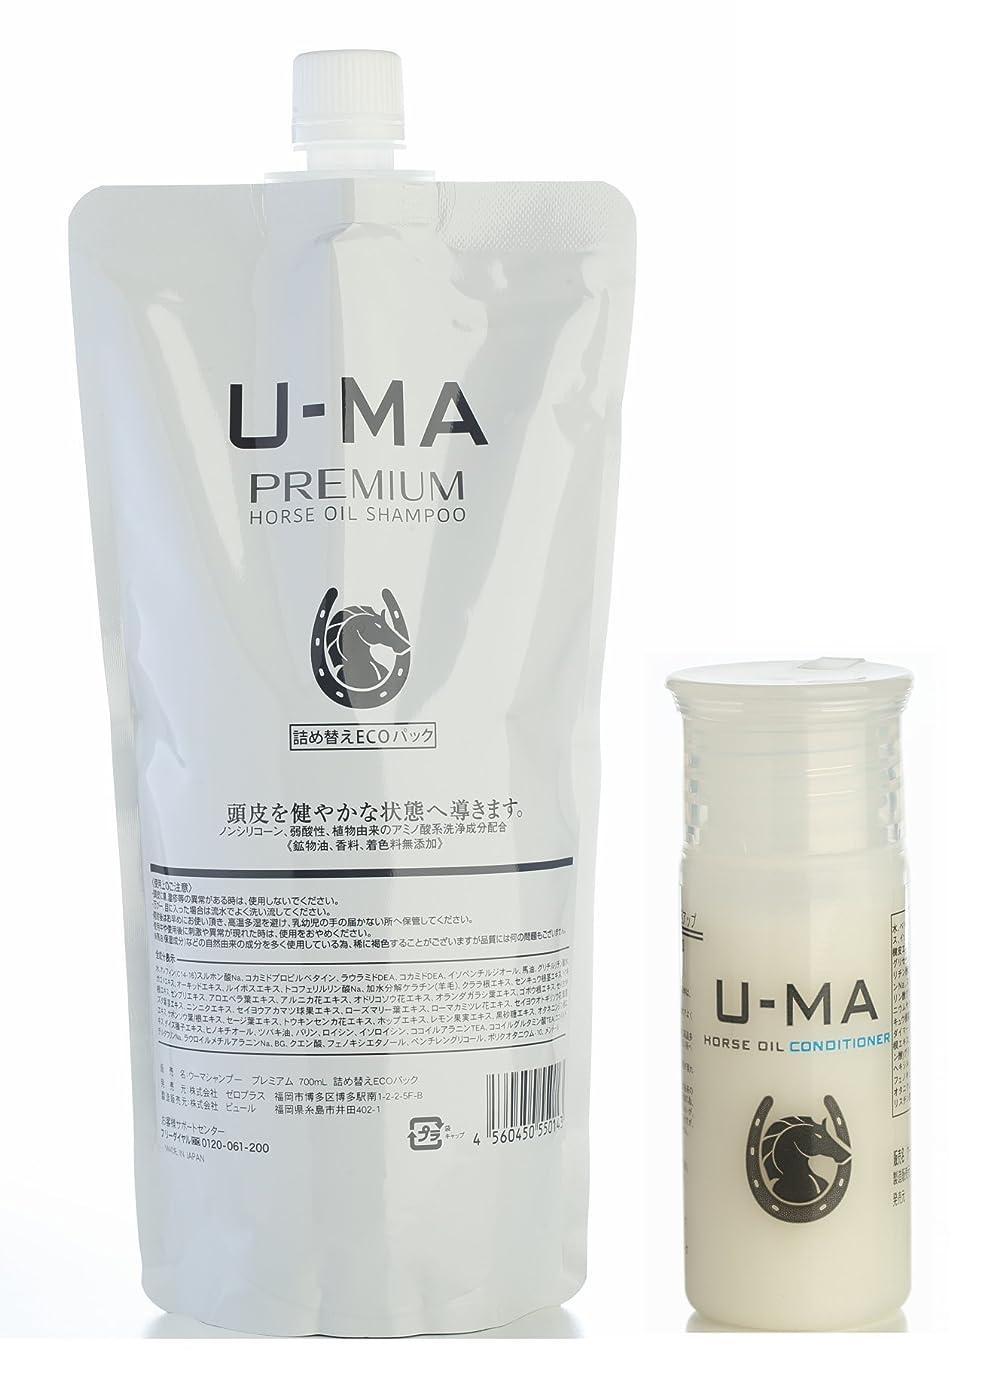 選択する回路魚U-MA ウーマシャンプープレミアム 詰め替え 700ml (約5ヶ月分) & コンディショナー ミニボトル 30ml